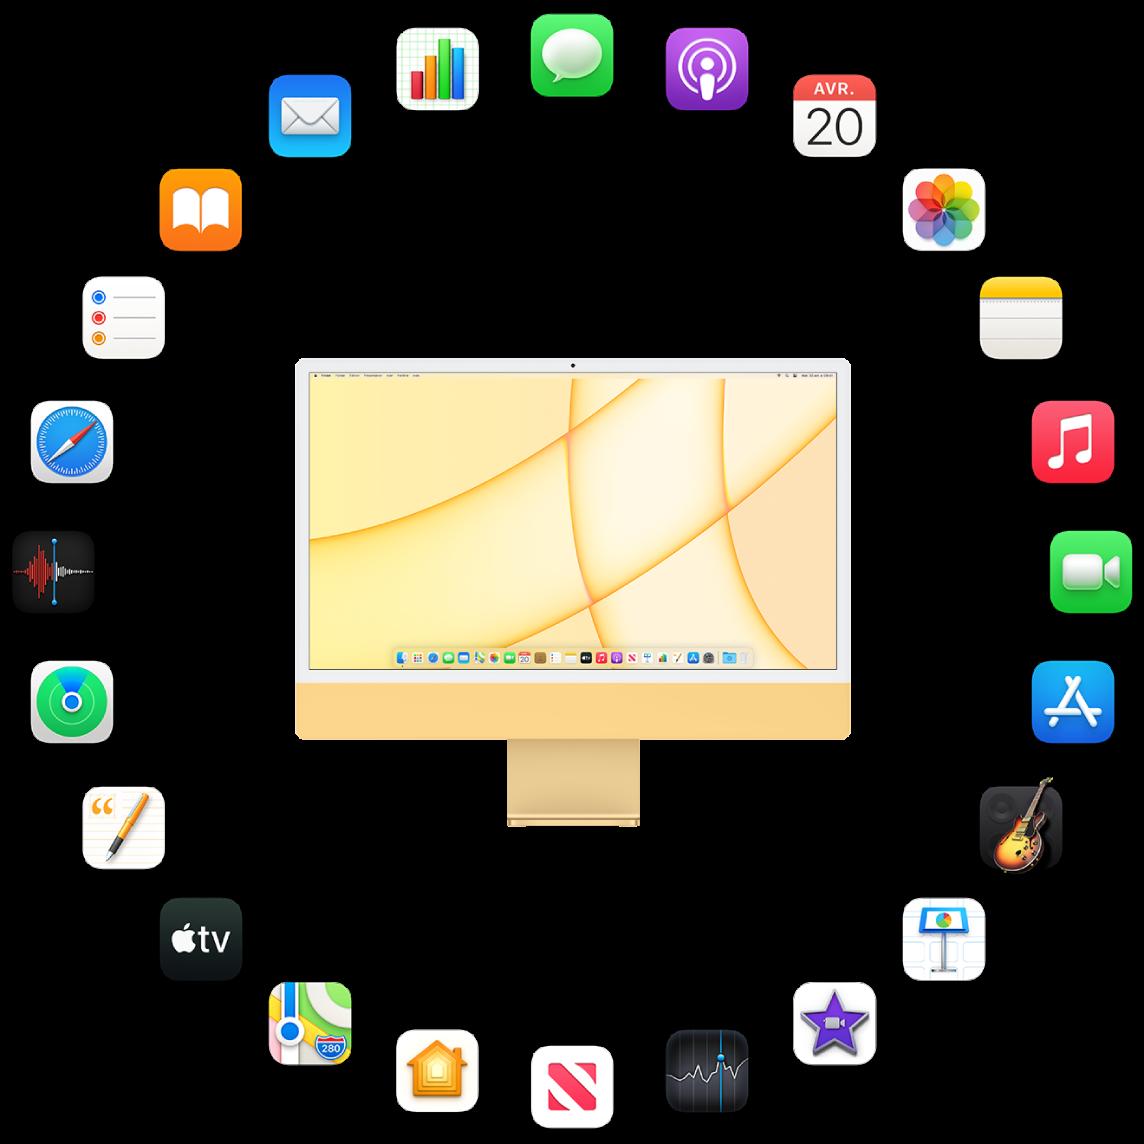 Un iMac autour duquel sont représentées les icônes des apps fournies avec votre ordinateur et décrites dans les sections suivantes.